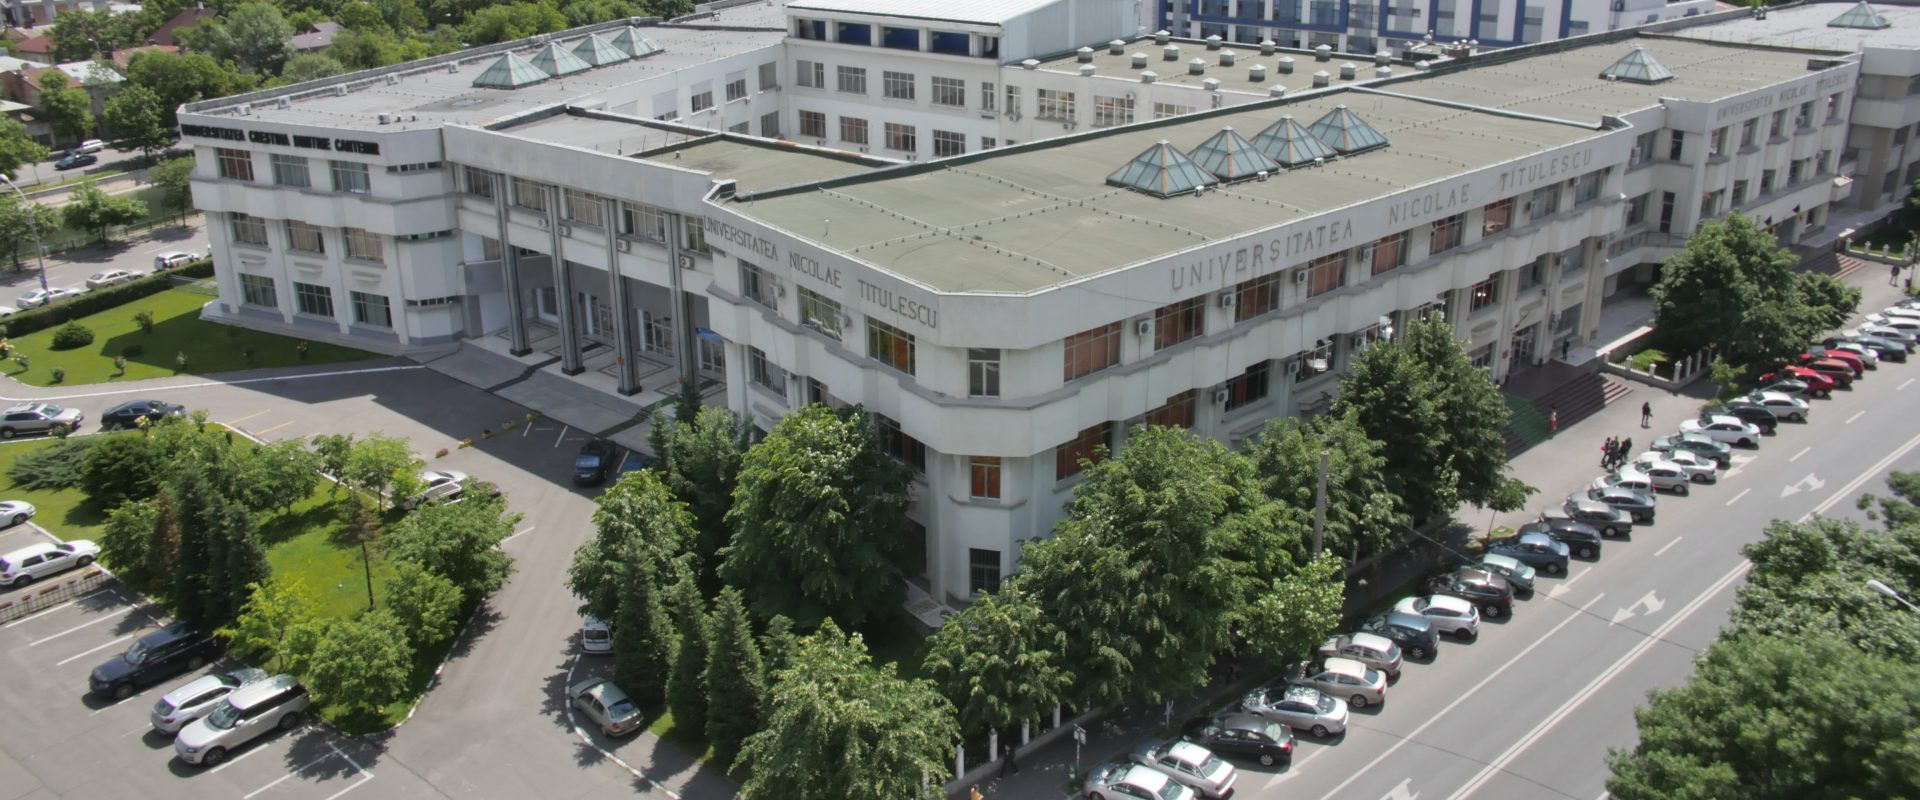 Universitatea Nicolae Titulescu din București